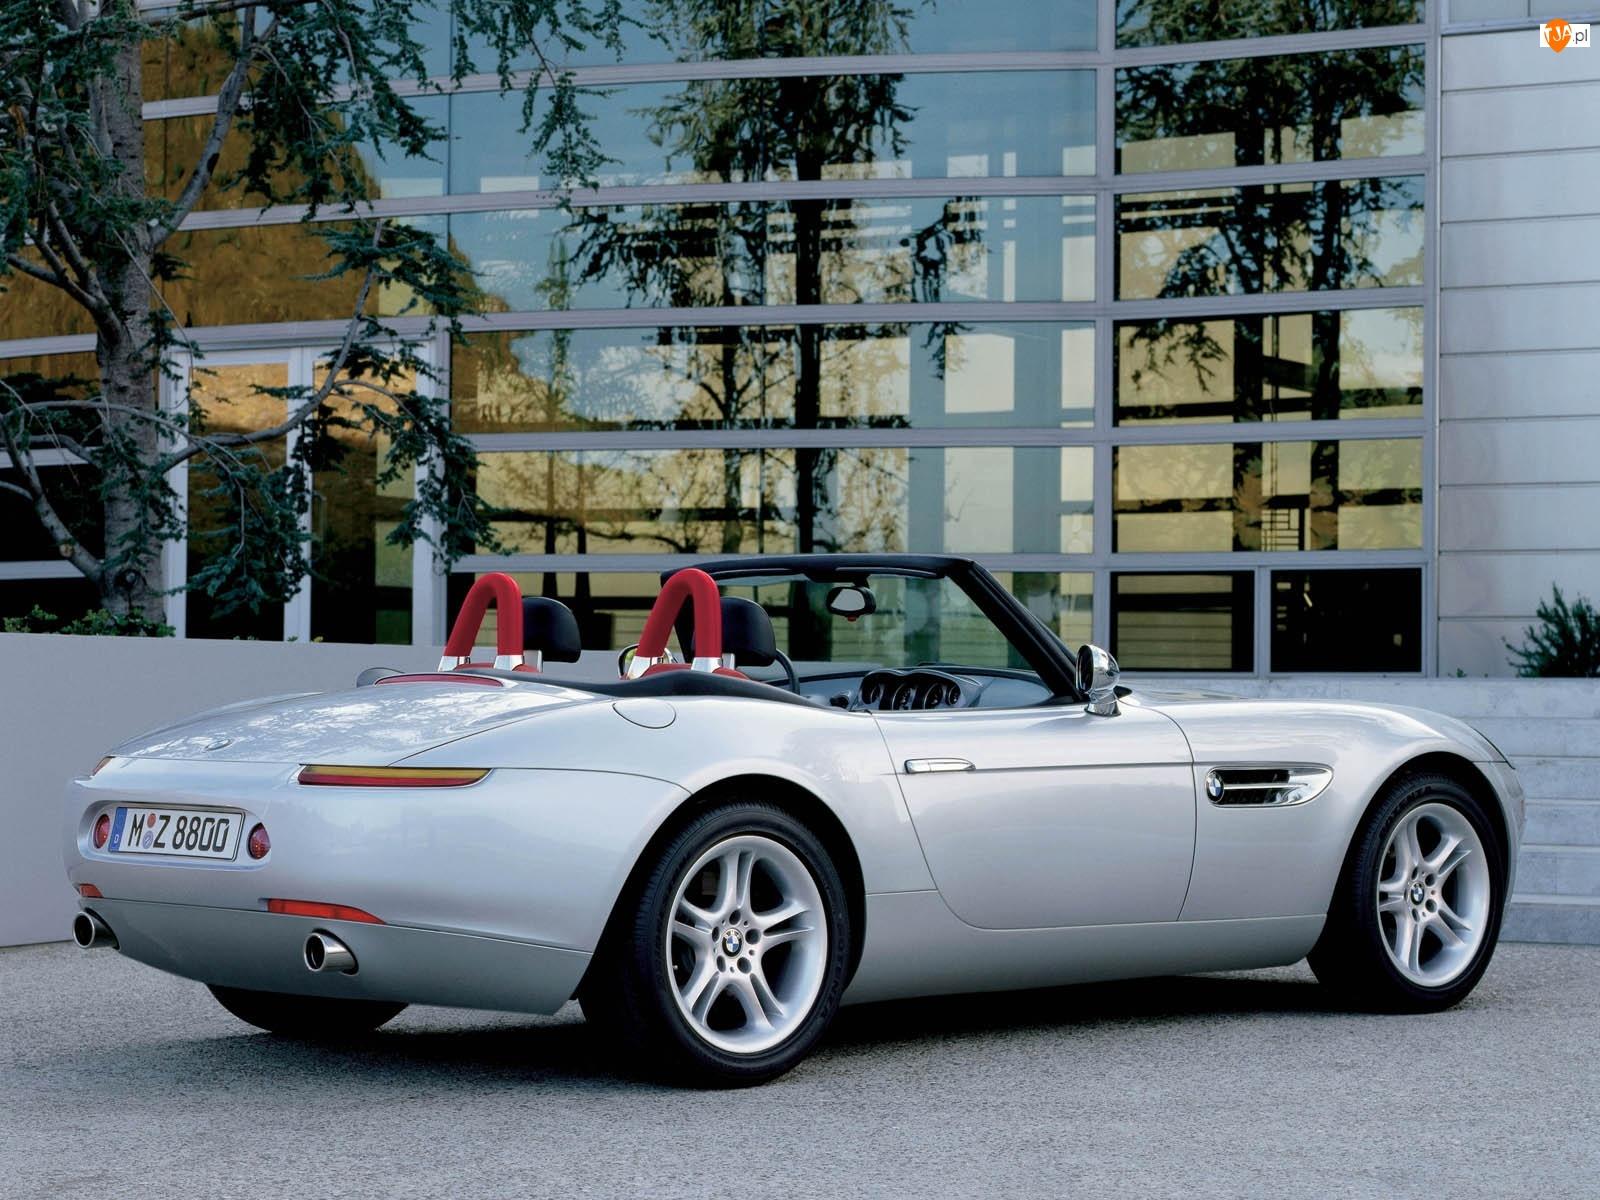 Z8, Roadster